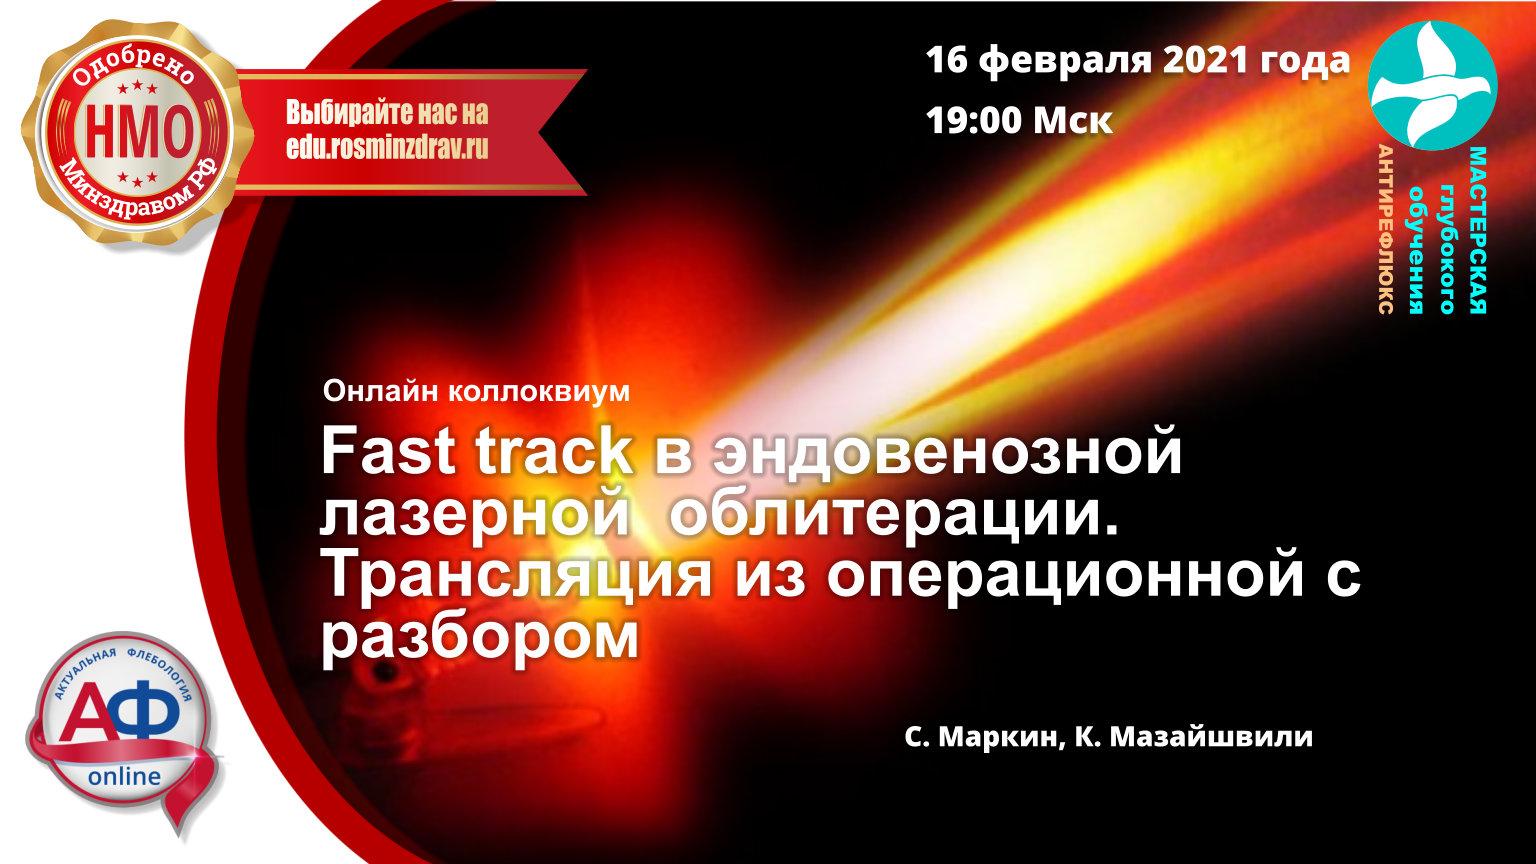 """Онлайн коллоквиум """"Fast track в эндовенозной лазерной облитерации"""""""